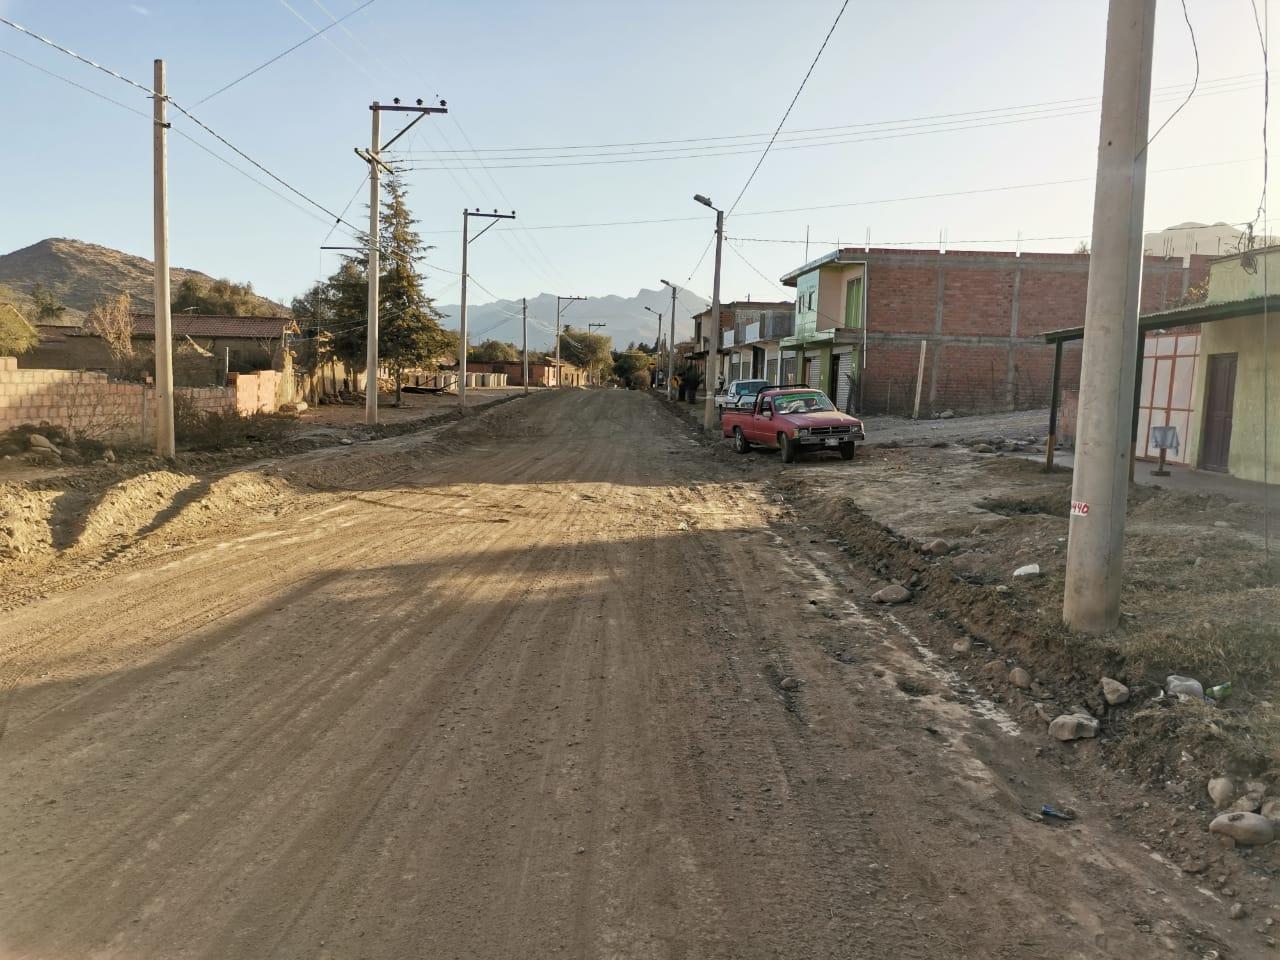 Gobernación de Tarija inicia la primera fase del asfaltado de la calle principal de Padcaya